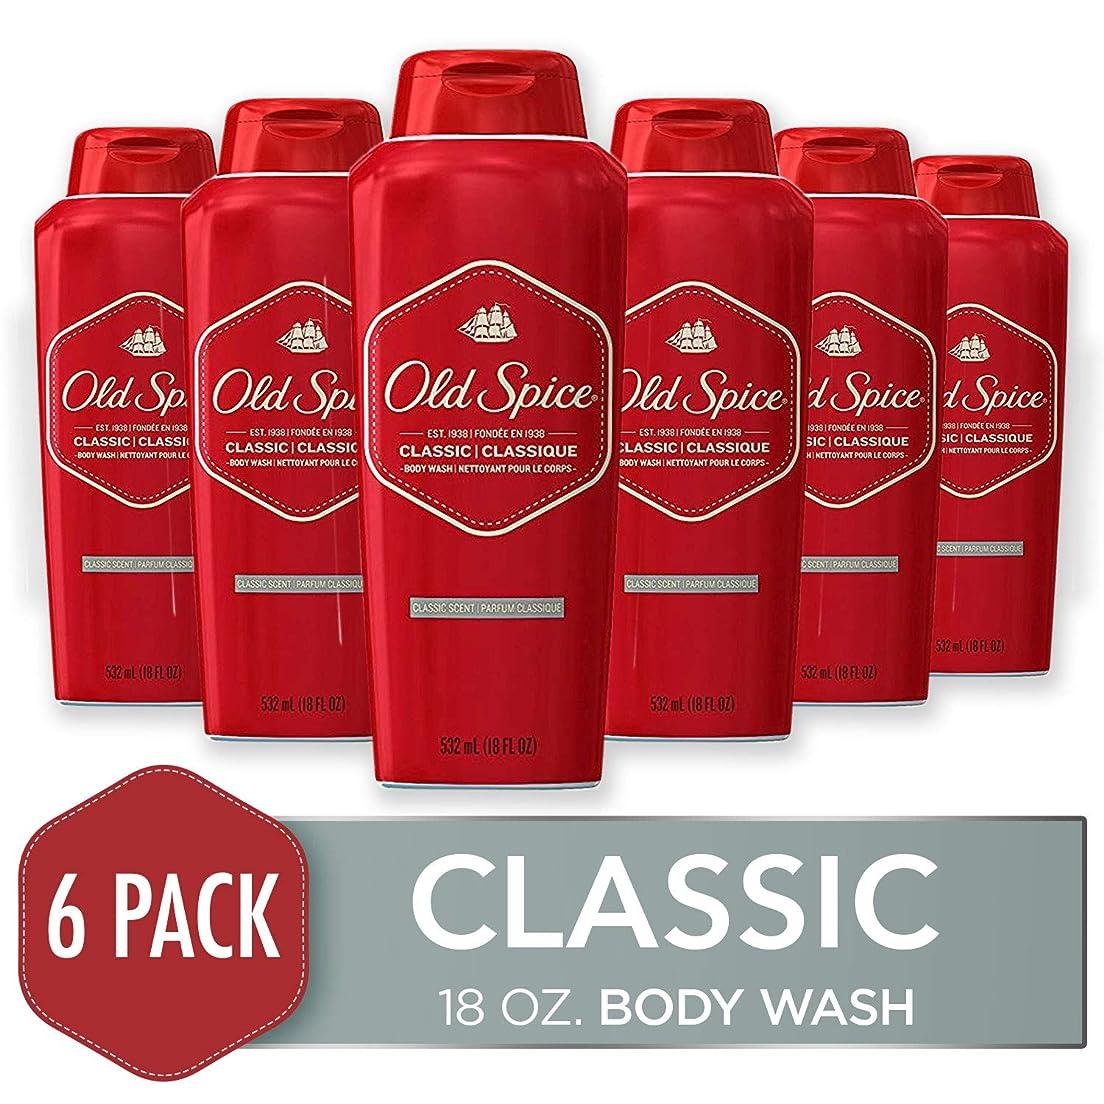 致命的な山食料品店Old Spice Body Wash Classic Scent 535 ml (Pack of 6) (並行輸入品)